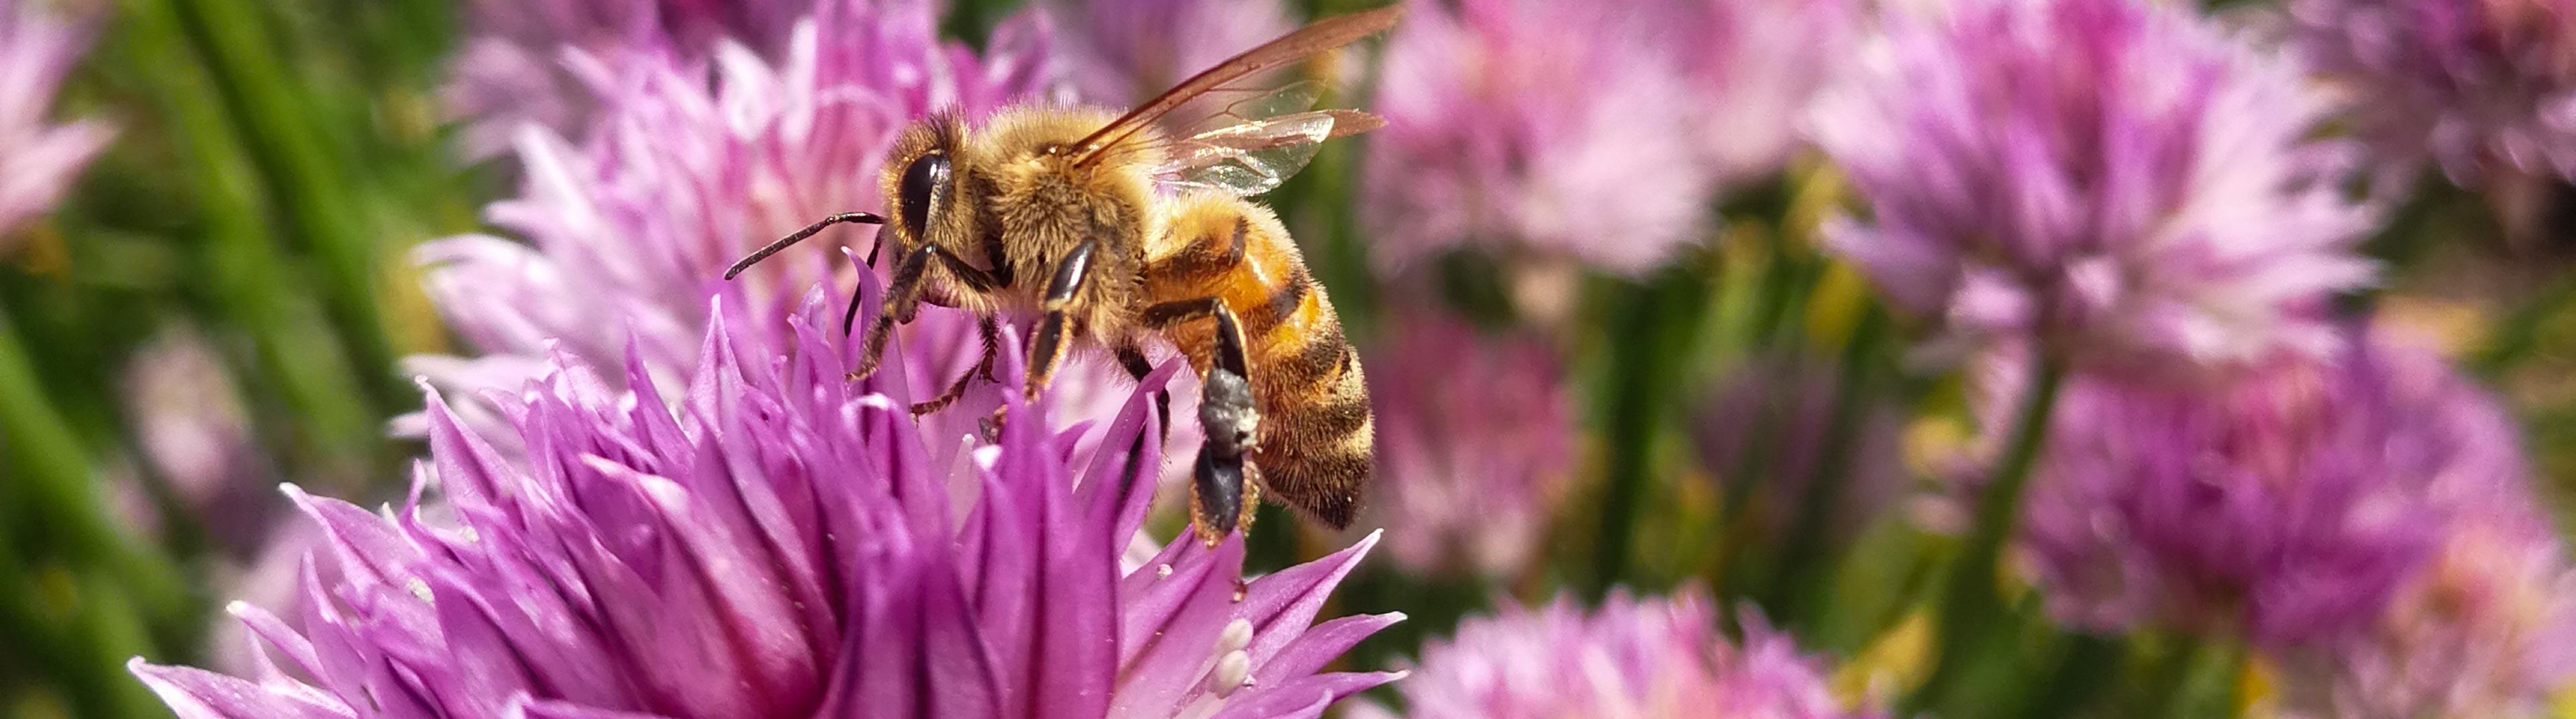 Närbild på ett bi som sitter på en gräslöksblomma i NordGens trädgård.